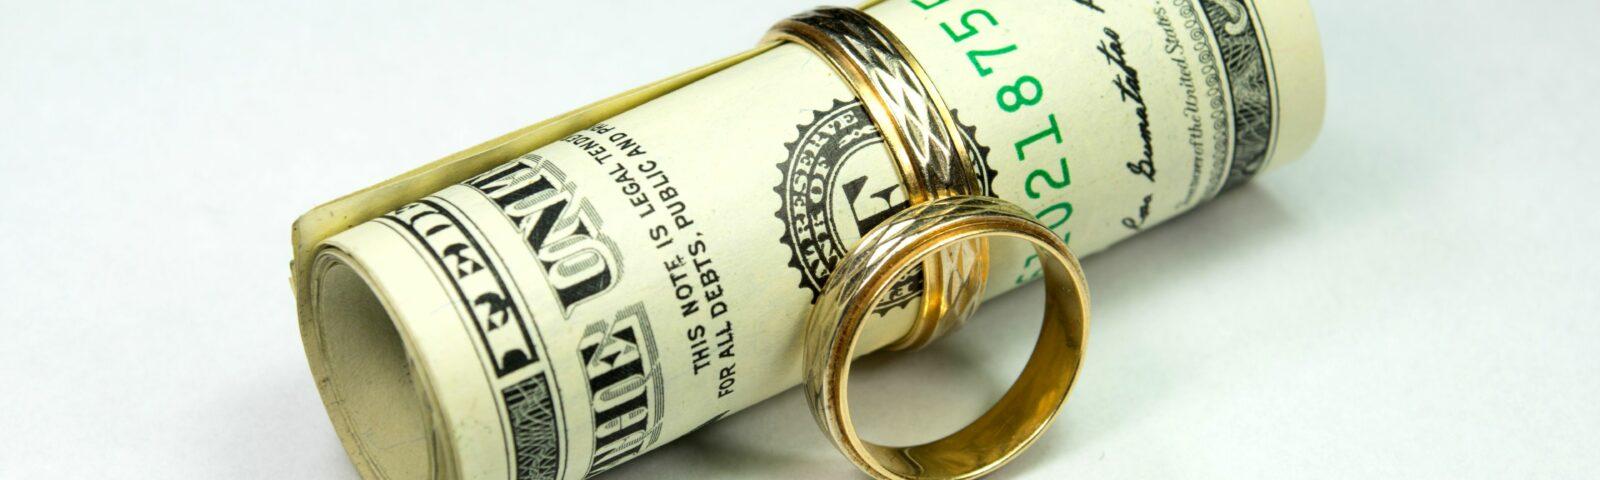 הסכמים, נישואים וידועים (בציבור)